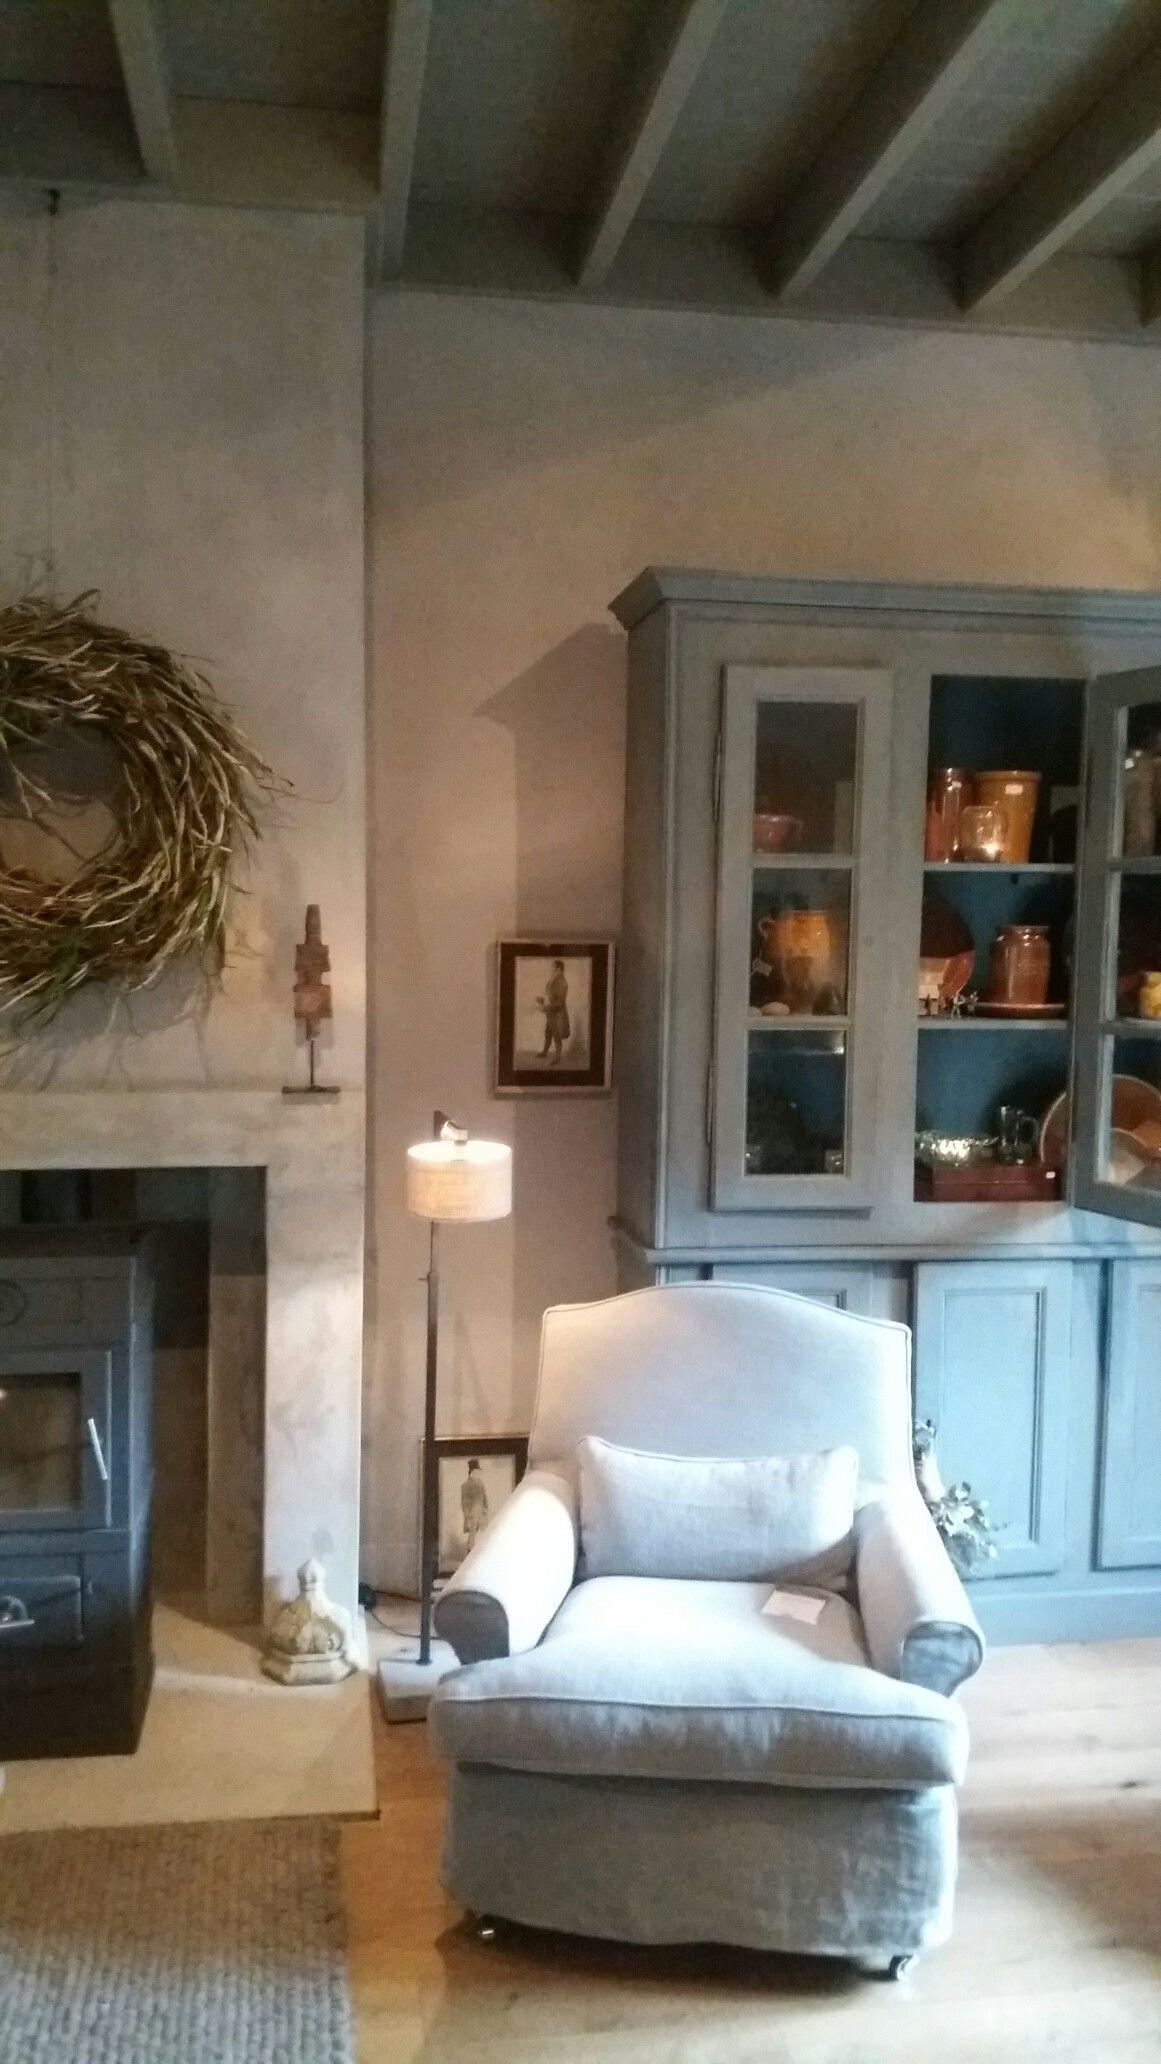 Mijn ultieme woonkamer! Alles perfect. De Potstal!~ Style By Gj ...